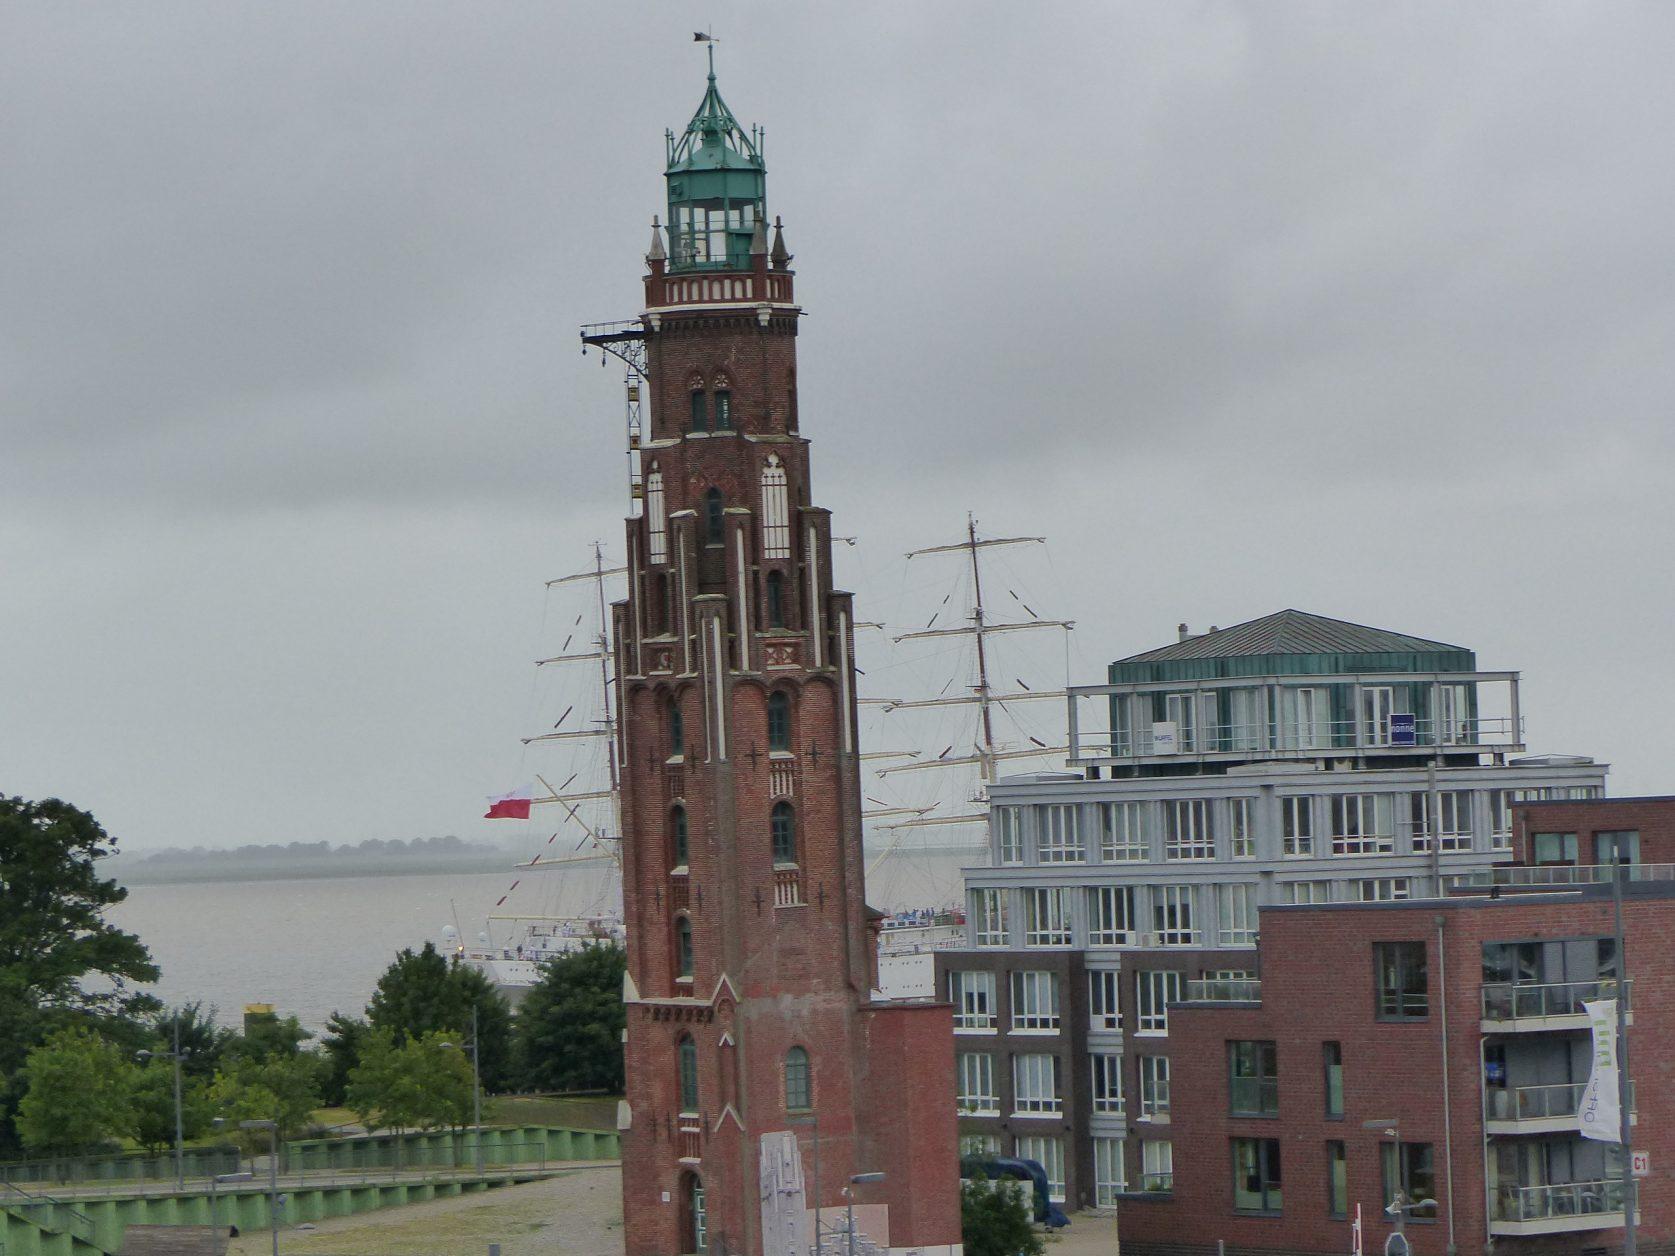 Ein Leuchtturm nähe eines Hafenbeckens. Blick auf den Simon-Loschen Leuchtturm bei der Schleuse Neuer Hafen gegenüber dem the liberty Foto: Weirauch